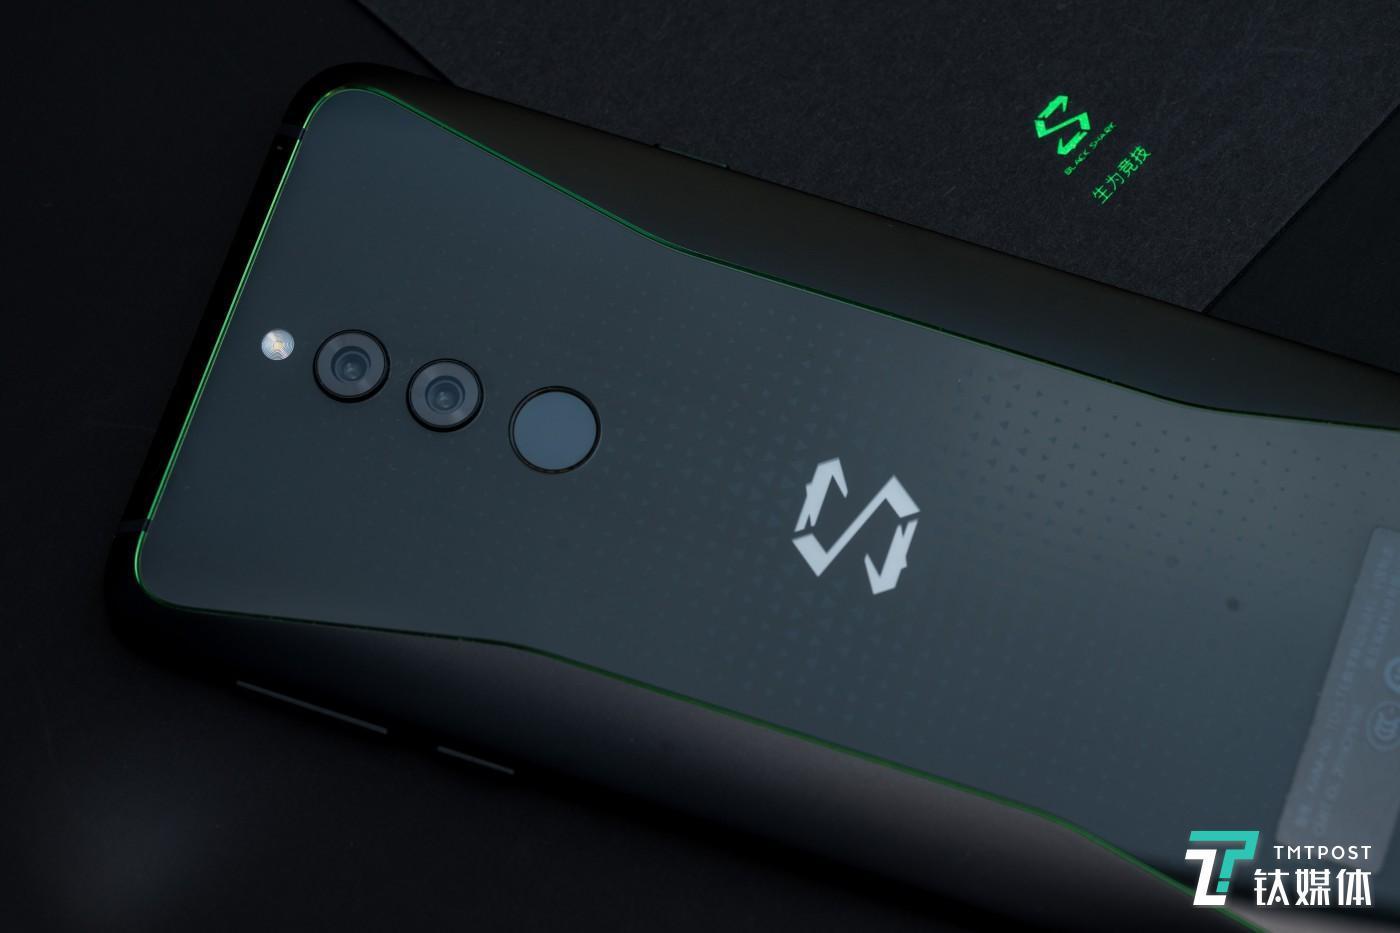 黑鲨游戏手机Helo